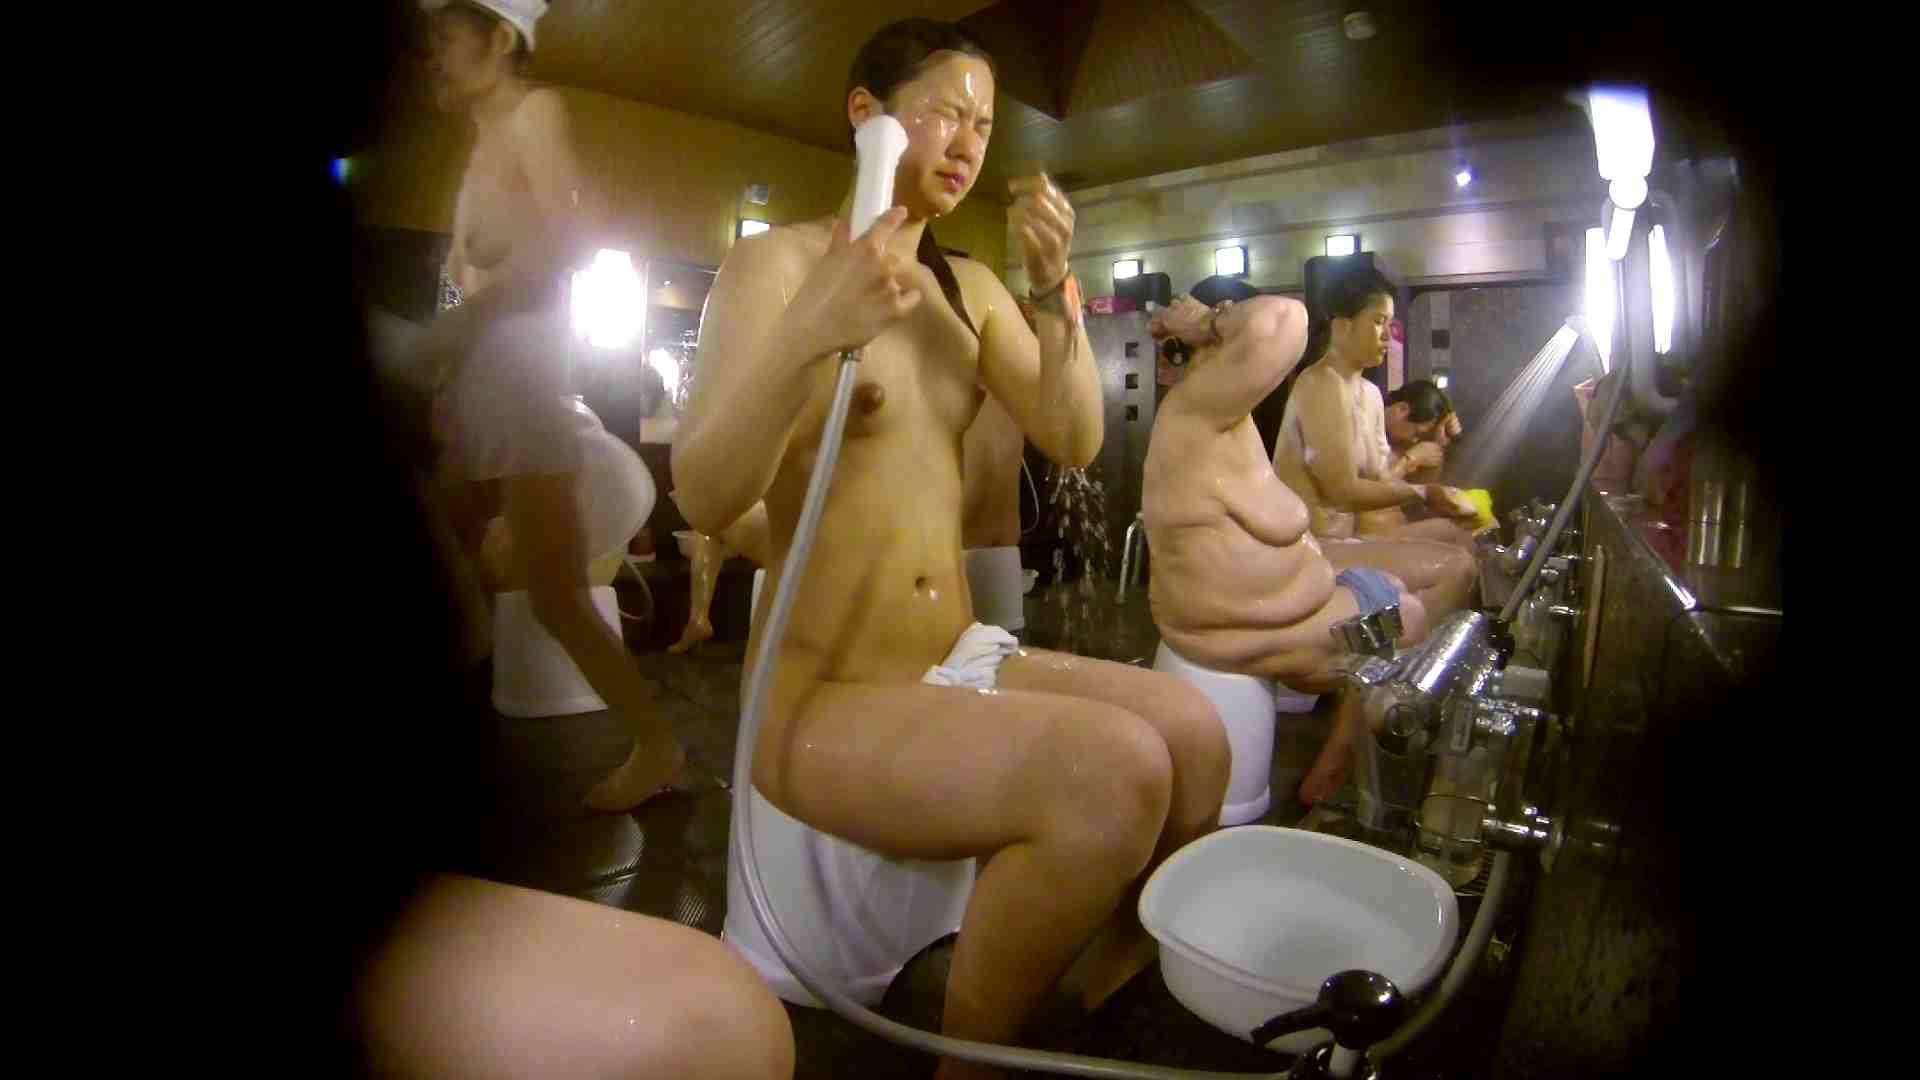 巨乳 乳首:追い撮り!脱衣~洗い場、徹底追跡!撮り師さんに拍手!!:怪盗ジョーカー